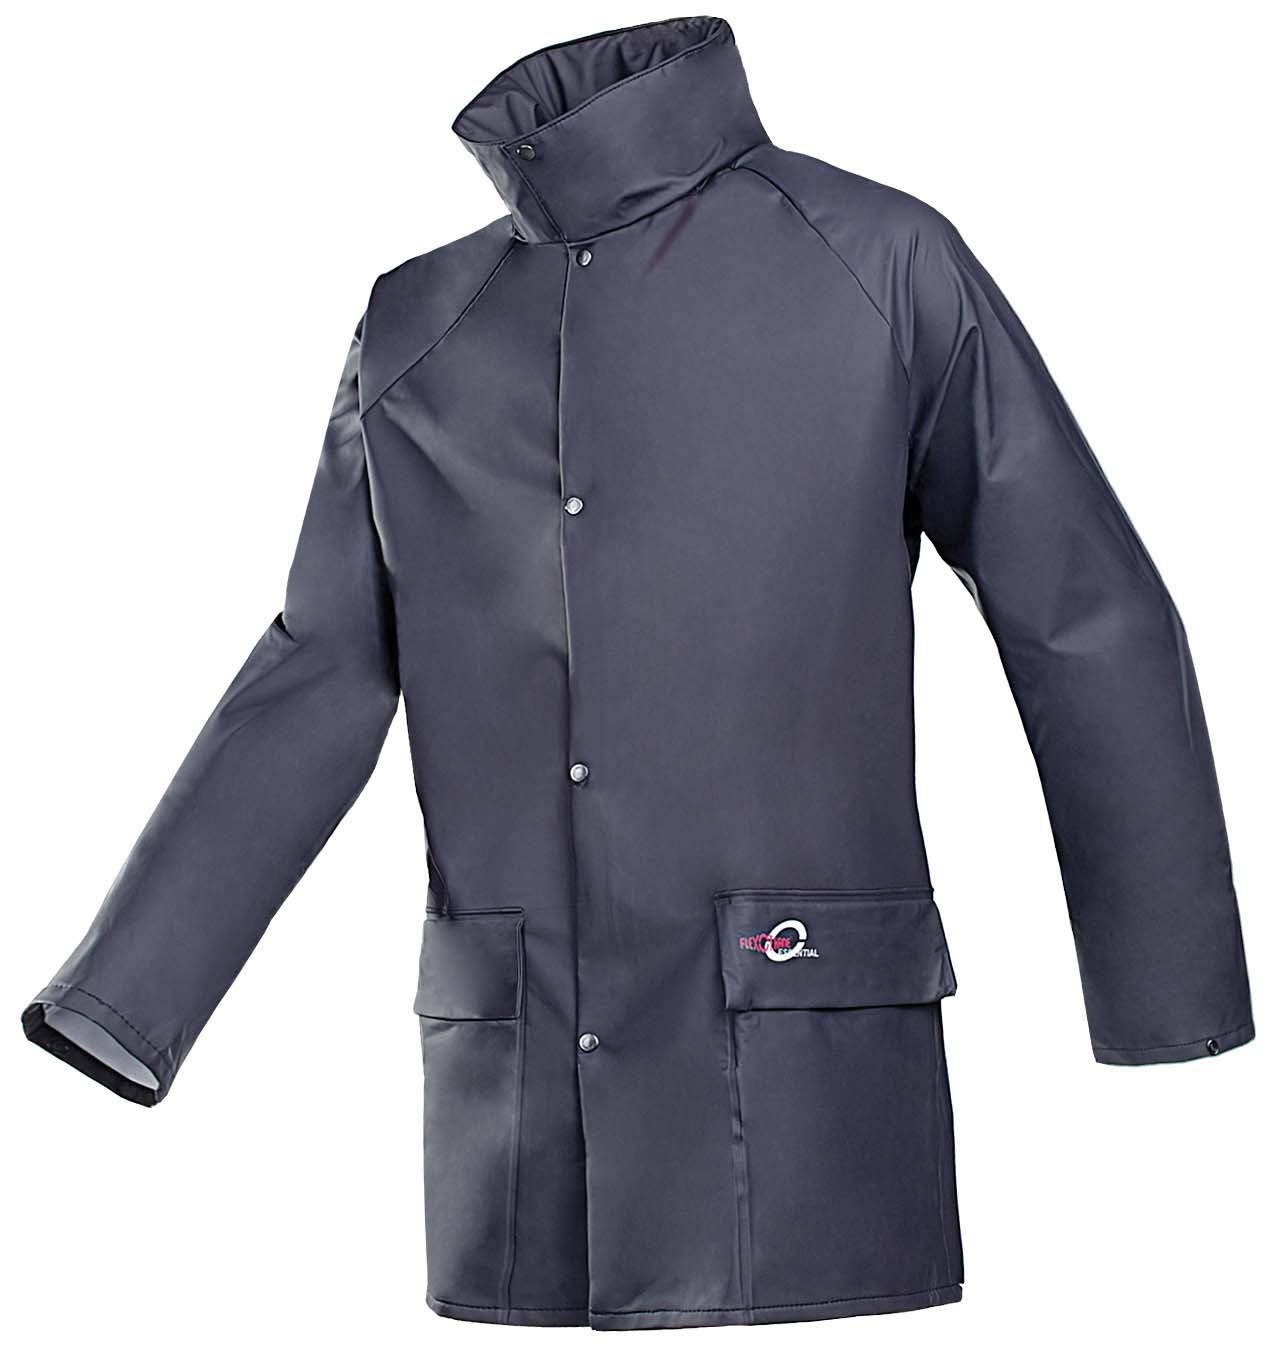 Jacket Navy Flexothane  (L) 4145 Bagged Sioen (Breathable Rain Jacket)